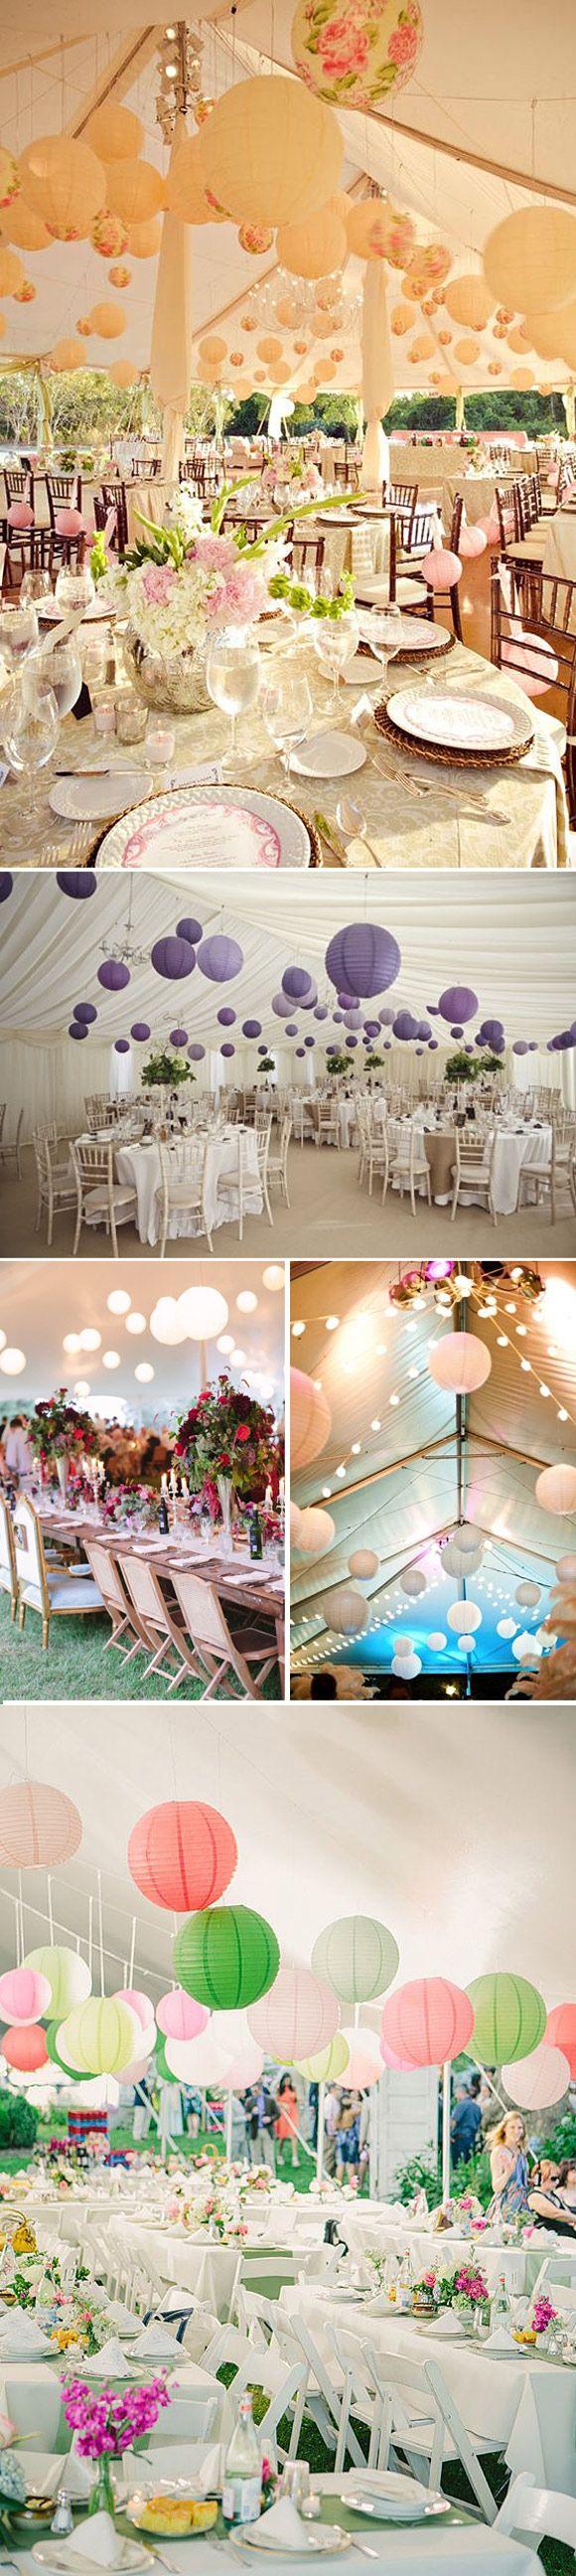 Wedding decoration ideas with balloons   ideas para decorar la carpa el día de tu boda  Fiestas